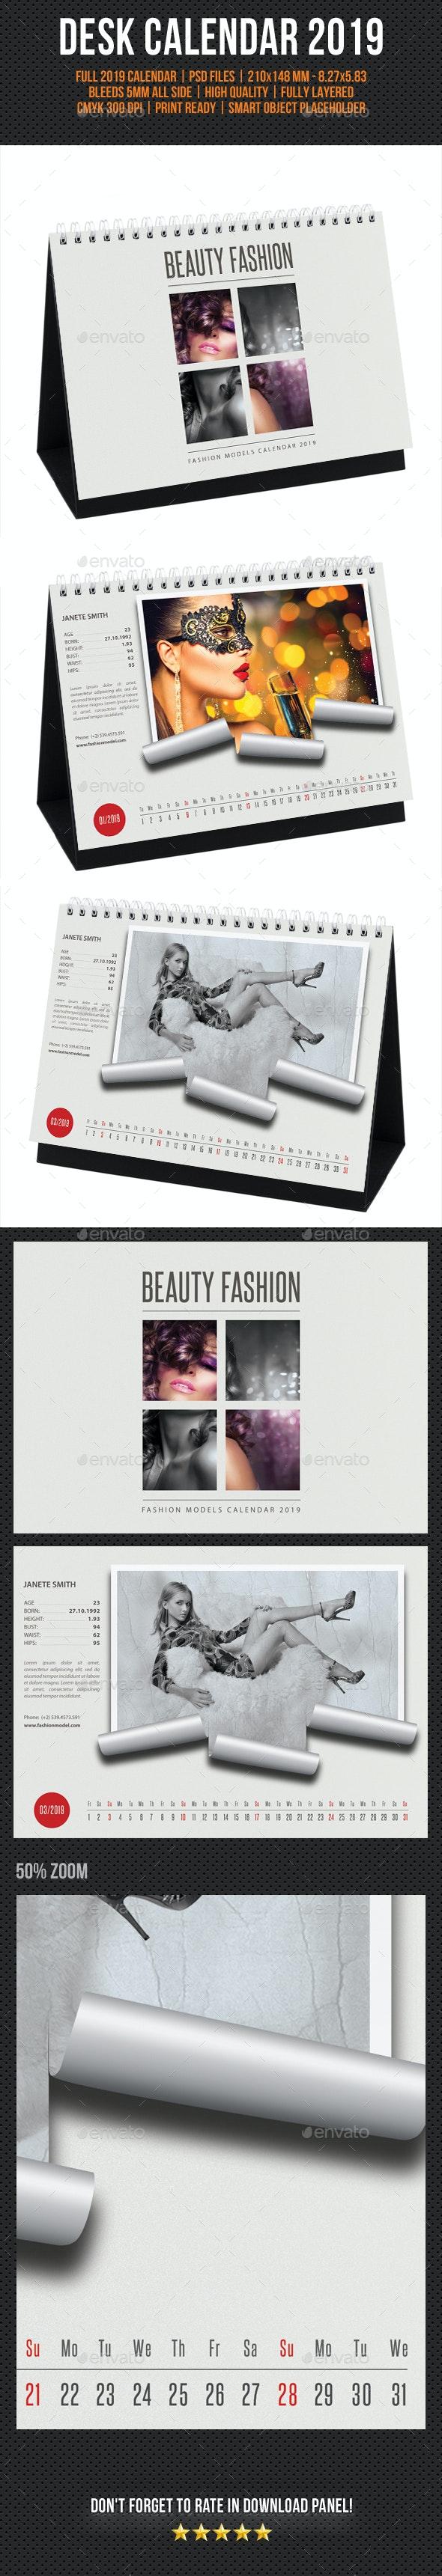 Creative Desk Calendar 2019 V13 - Calendars Stationery